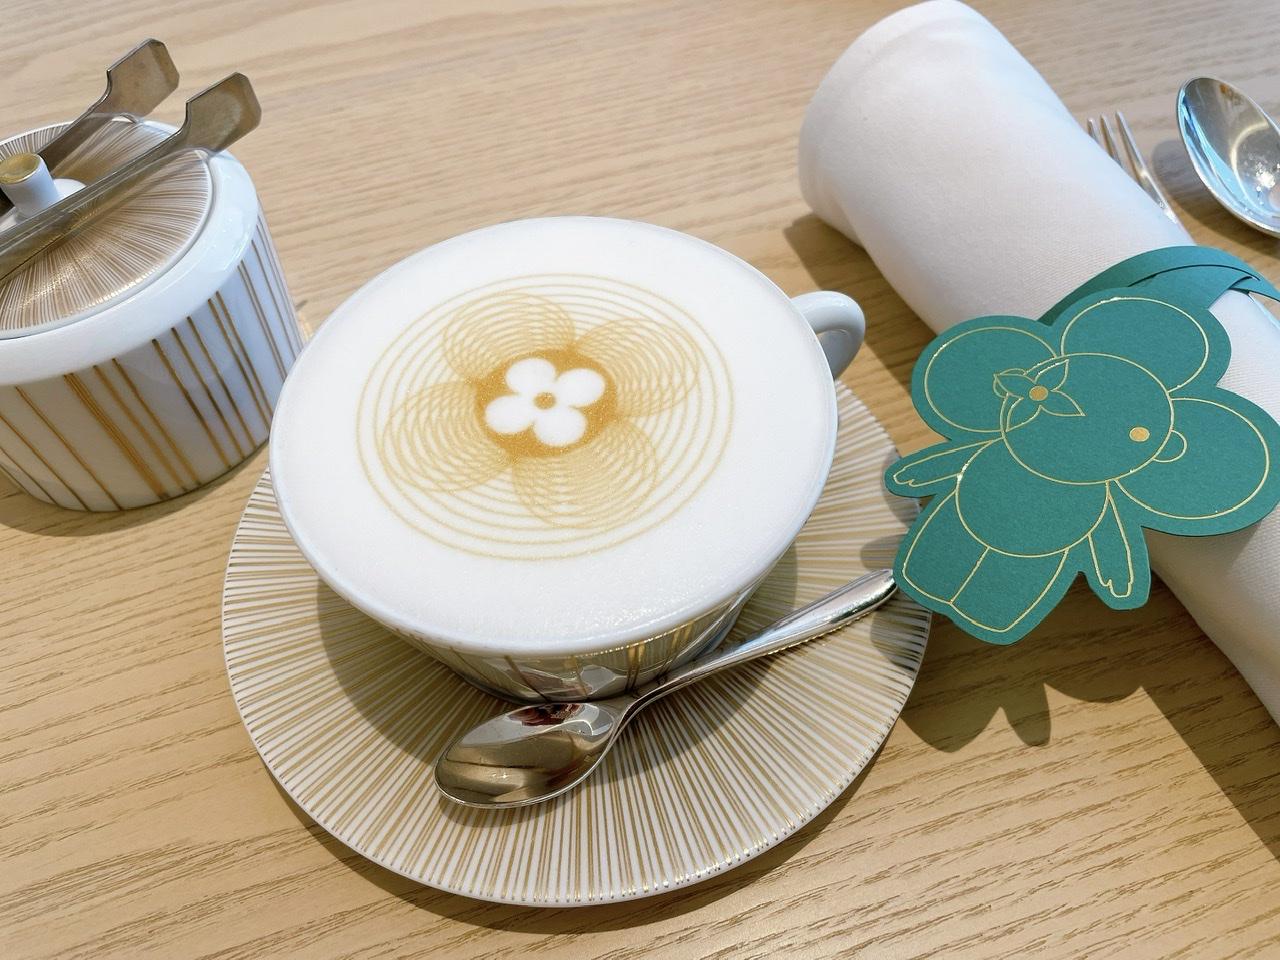 【大阪カフェ】可愛すぎるLOUIS VUITTONのラテとアート展_1